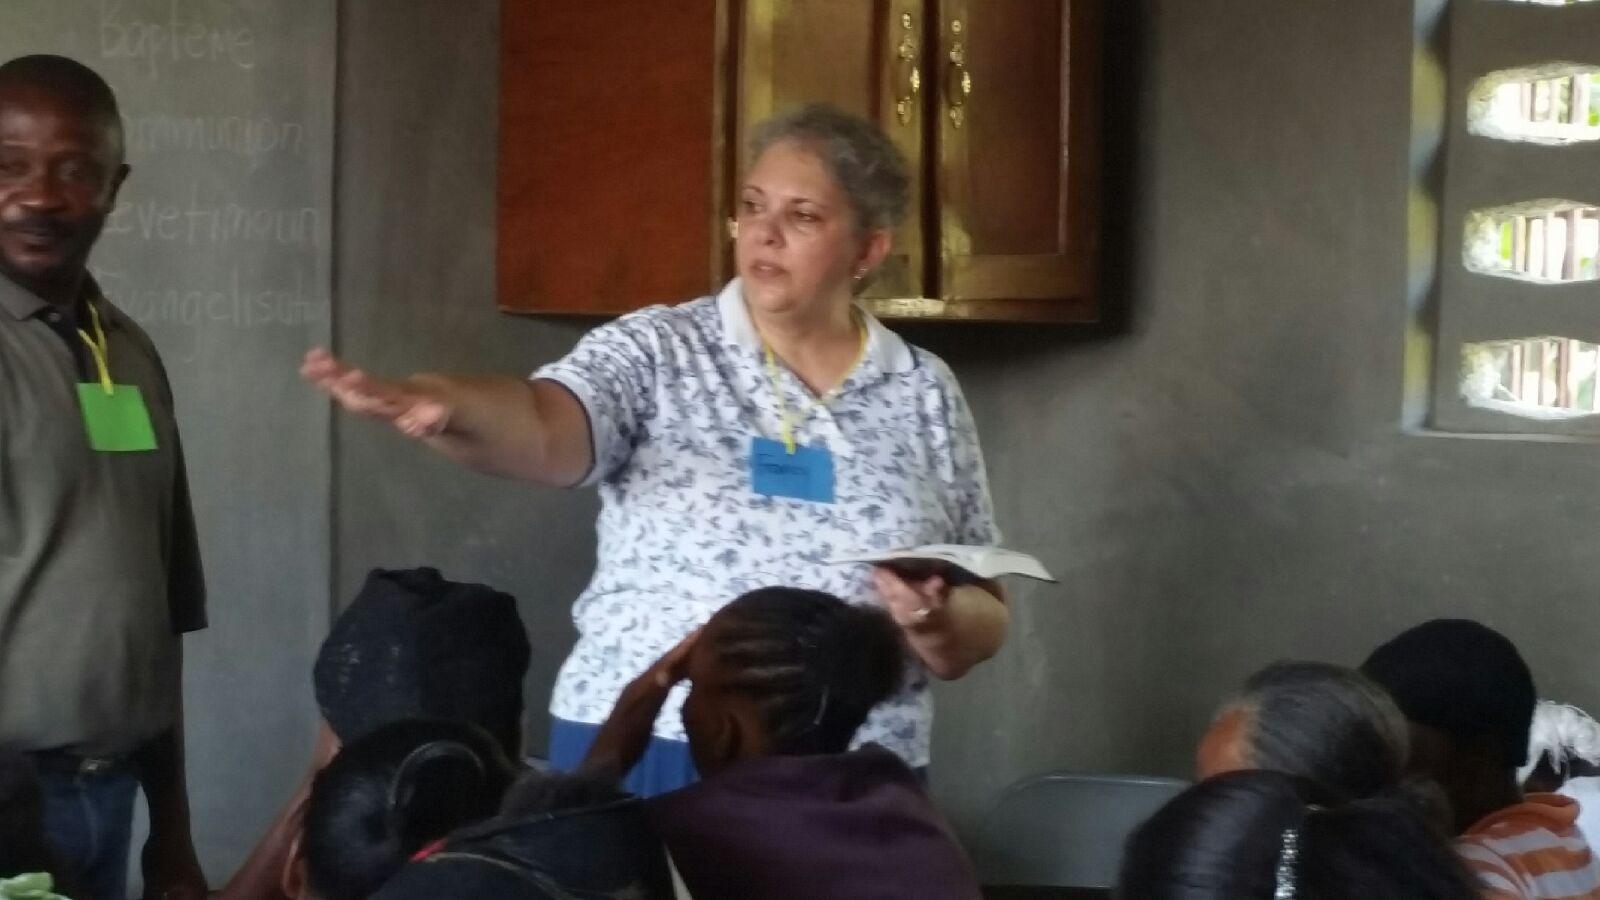 Francy teaching women.